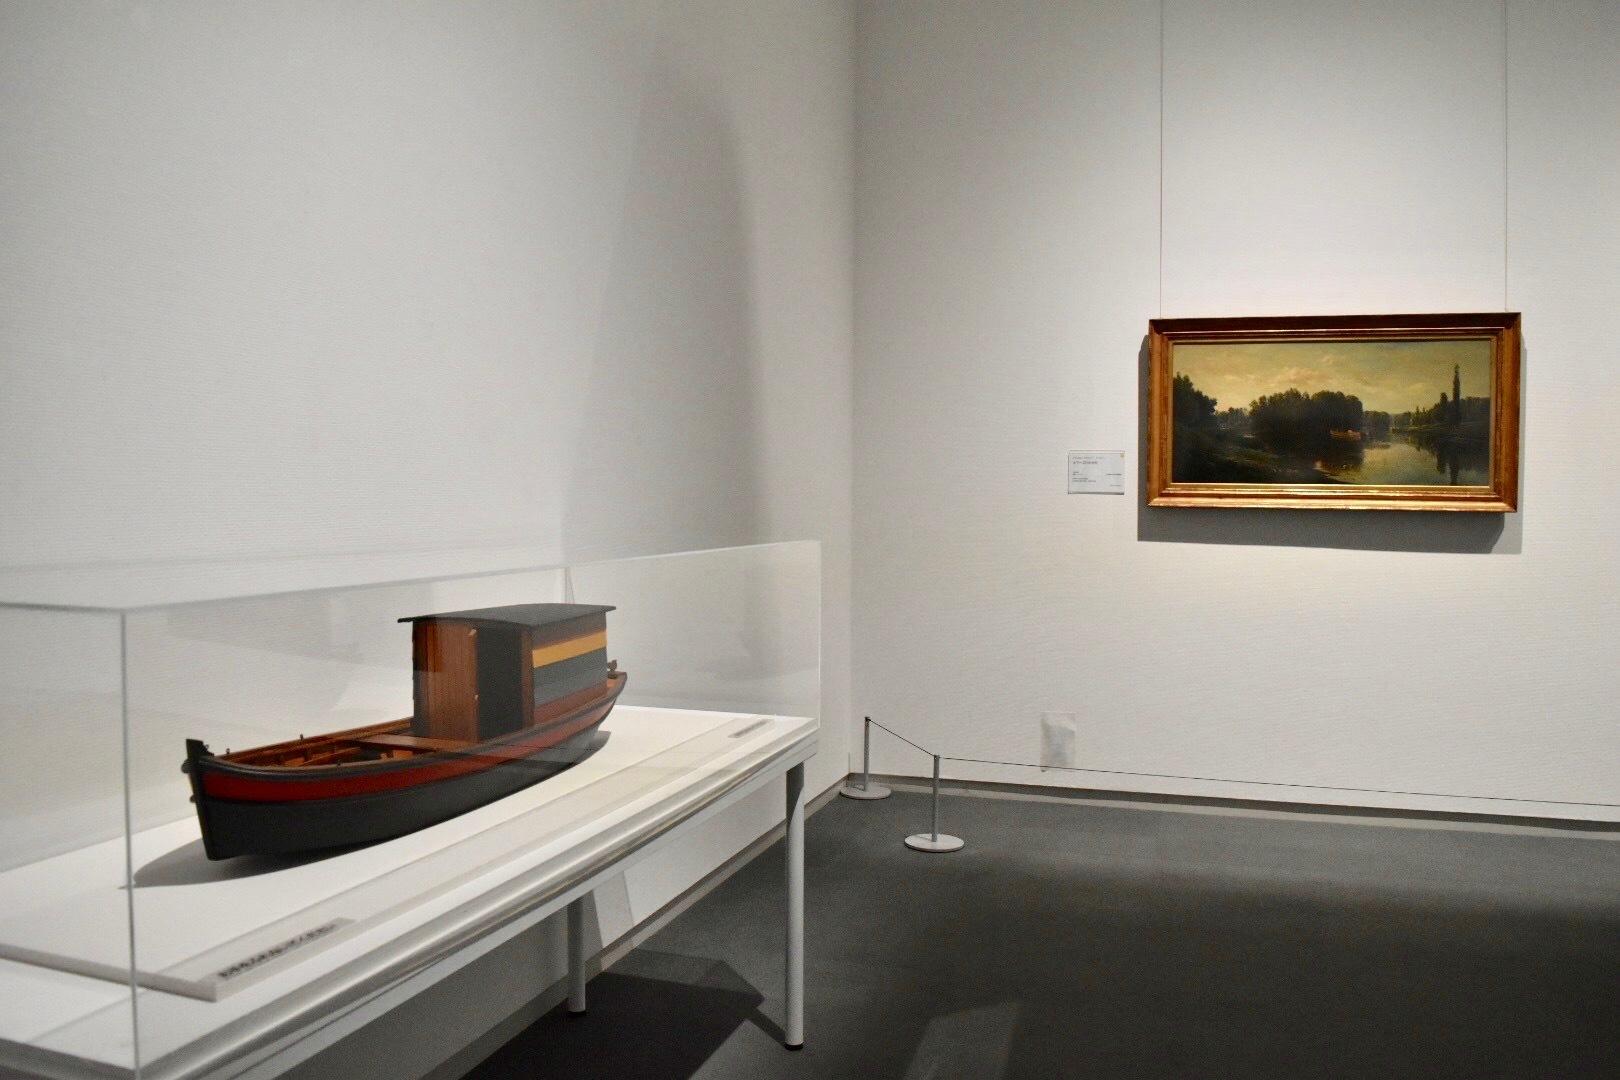 左手前:ダニエル・ラスカン(シャルル=フランソワ・ドービニー末裔) 《ボタン号の模型》 2006-07年 個人蔵 右奥:シャルル=フランソワ・ドービニー 《オワーズ川の中州》 1860年頃 公益財団法人村内美術館蔵